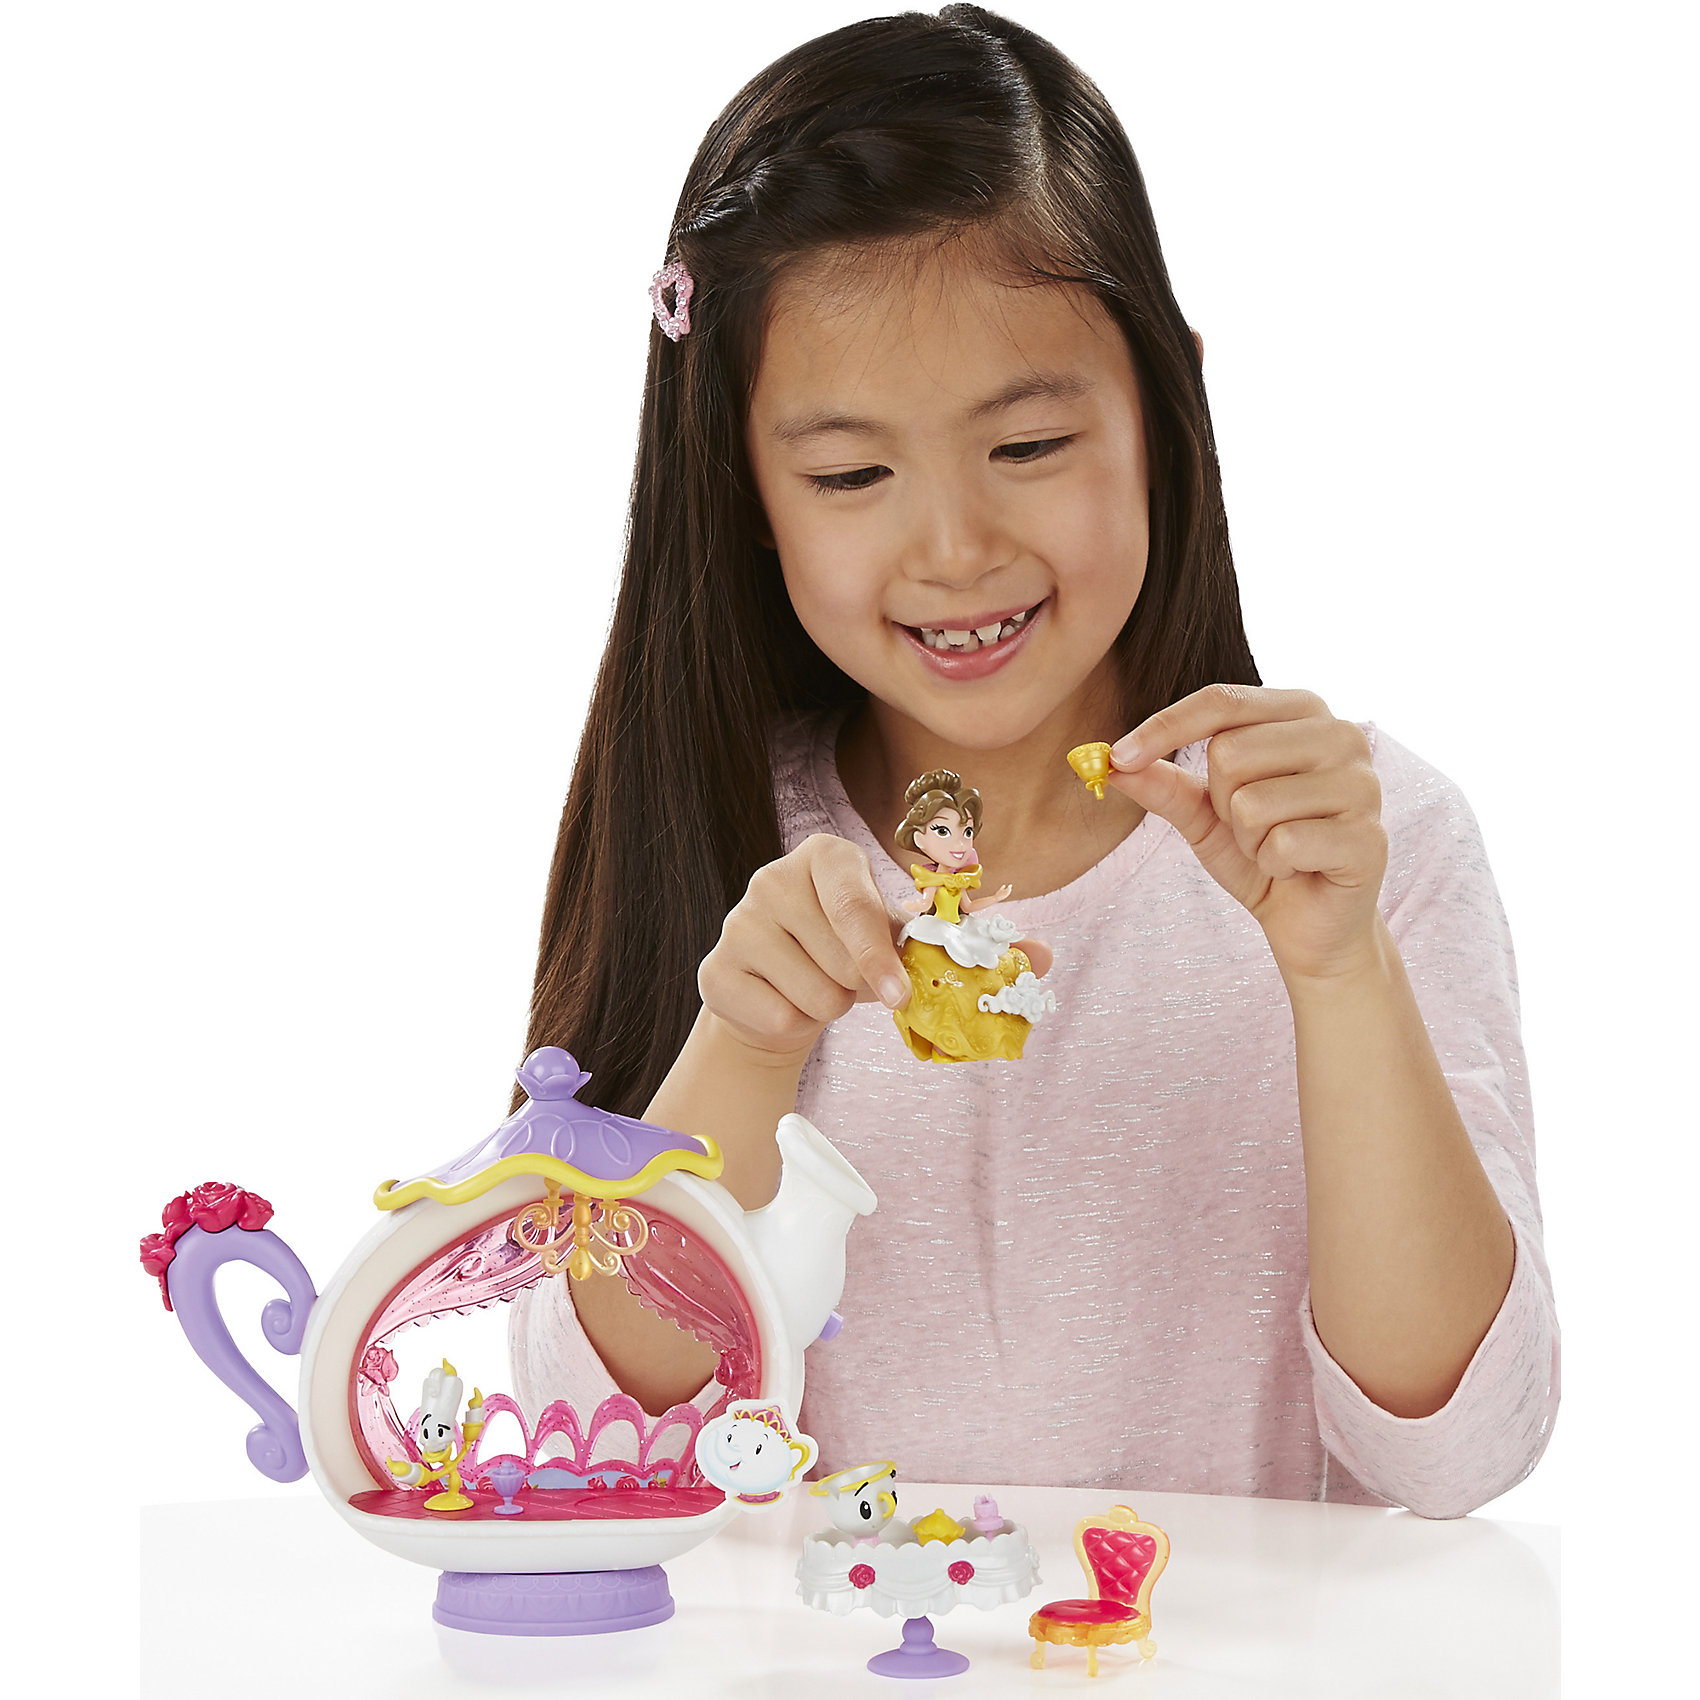 Игровой набор Маленькая кукла Принцесса, с аксессуарами Белль, B5344/B5346Игрушки<br>Игровой набор Маленькая кукла Принцесса, с аксессуарами, B5344/B5346.<br><br>Характеристики:<br><br>- В наборе: кукла Бэлль; фигурка Чипа; фигурка Люмьера; стол; стул; столовые приборы; желоб для сладостей; 3 украшения<br>- Материал: высококачественный пластик<br>- Высота куклы: 7,5 см.<br>- Размер упаковки: 6,6х30,5х22,9 см.<br><br>Очаровательная и веселая диснеевская принцесса Бэлль хочет провести веселый ужин со своими заколдованными друзьями. Бэлль накрыла роскошный стол, чтобы поужинать в веселой компании канделябра Люмьера и чашки Чипа. Куколка, входящая в набор, относится к целой серии игрушек под названием Disney Princess Little Kingdom, поэтому имеет небольшой размер - всего 7,5 см. Не смотря на это, у нее красивый дизайн, а также превосходная детализация! Кукла может сидеть и стоять. Данный набор еще интересен и тем, что в платье куколки есть крохотные дырочки, в которые ребенок сможет прикрепить красивые тематические аксессуары из набора. Игровой набор изготовлен из качественного, нетоксичного пластика.<br><br>Игровой набор Маленькая кукла Принцесса, с аксессуарами, B5344/B5346 можно купить в нашем интернет-магазине.<br><br>Ширина мм: 65<br>Глубина мм: 305<br>Высота мм: 1400<br>Вес г: 415<br>Возраст от месяцев: 48<br>Возраст до месяцев: 96<br>Пол: Женский<br>Возраст: Детский<br>SKU: 5064708